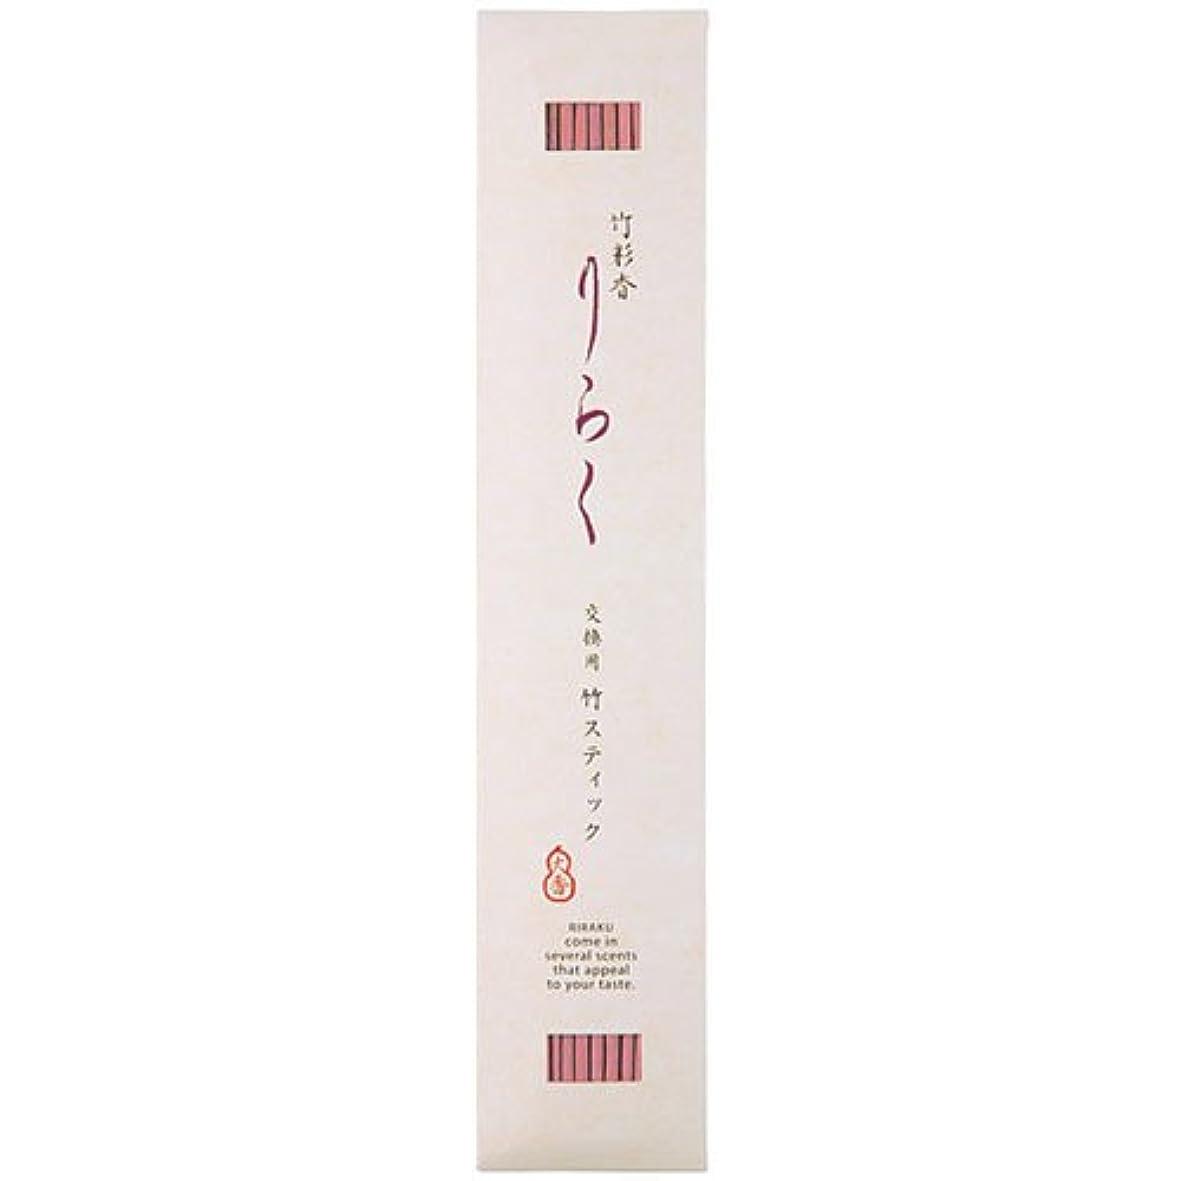 目を覚ます恒久的ブランデー竹彩香りらく 交換用竹スティックさくらの色 10本